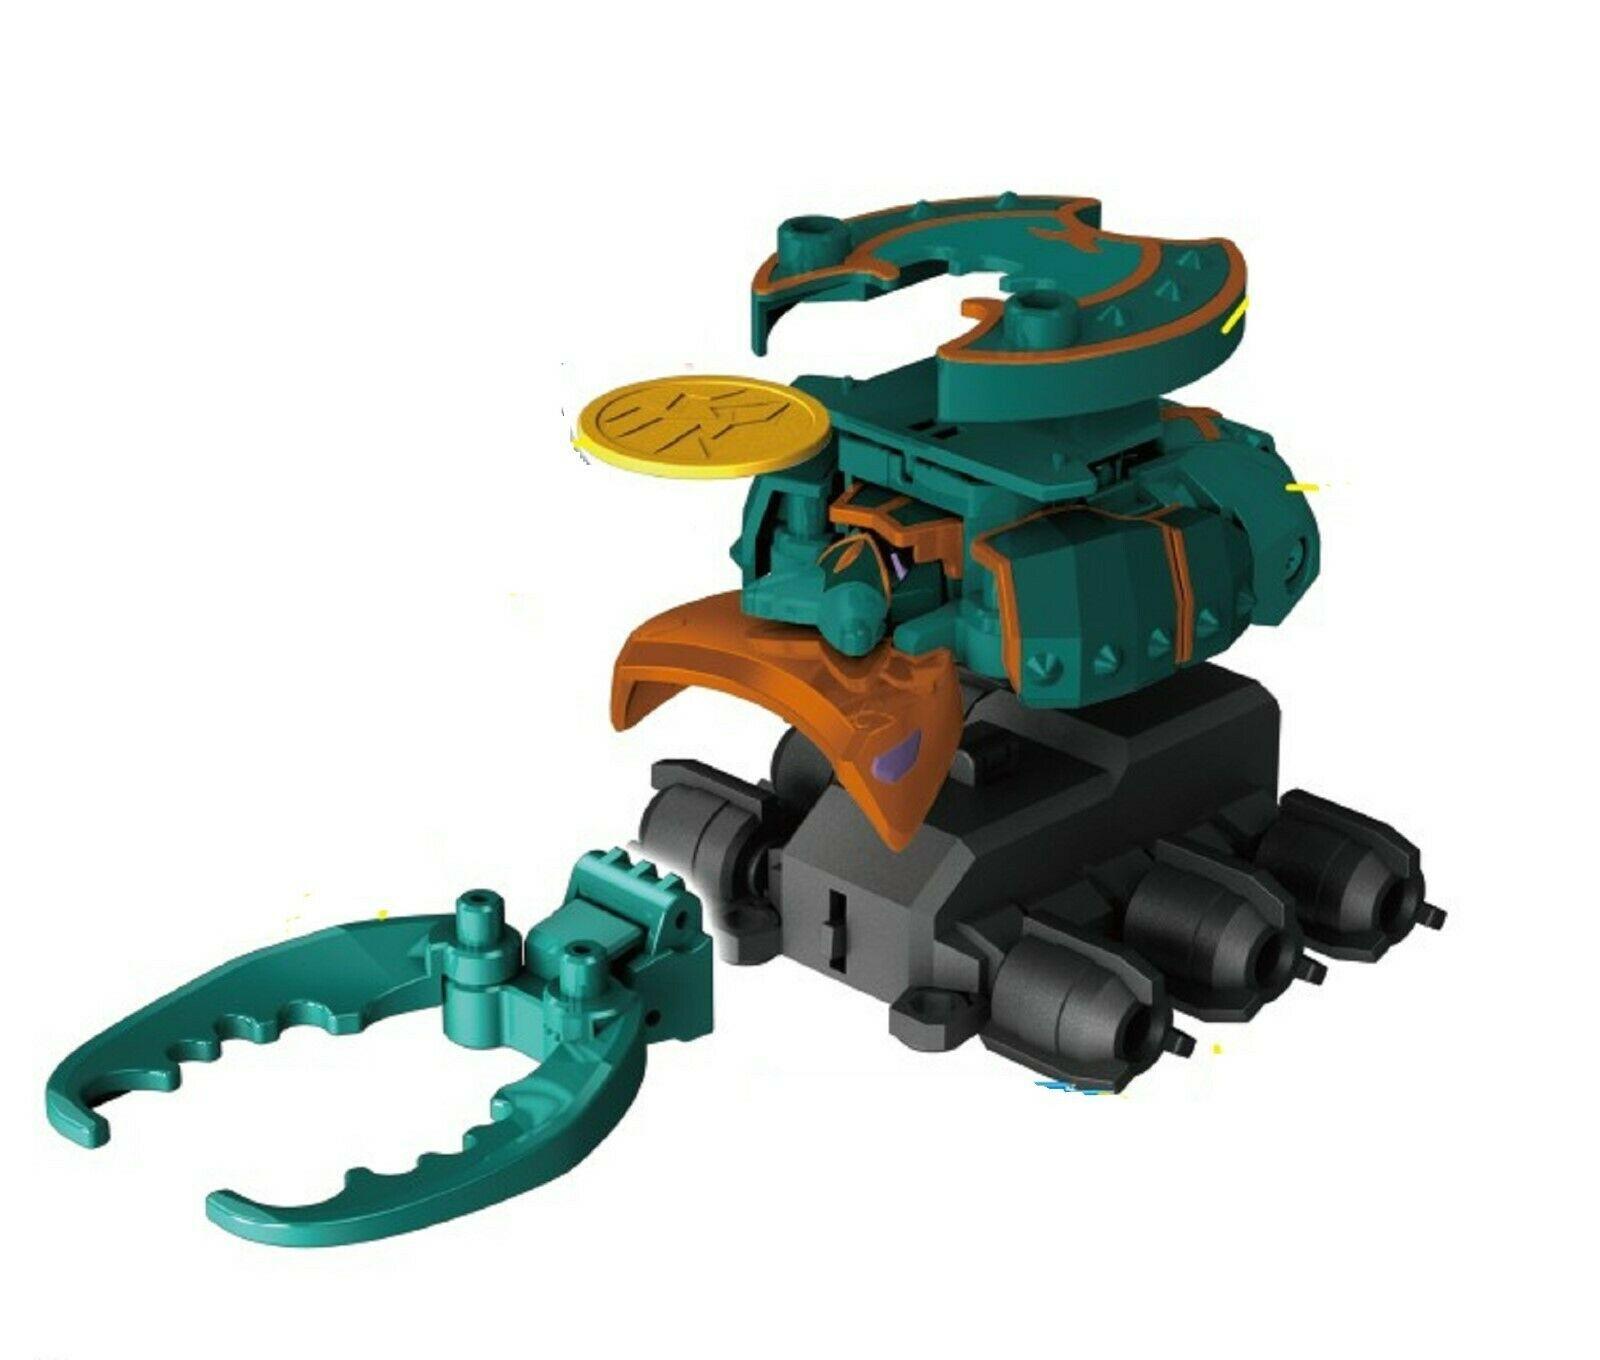 Bugsbot Ignition Basic B-07 Battle Melias Action Figure Battling Bug Toy